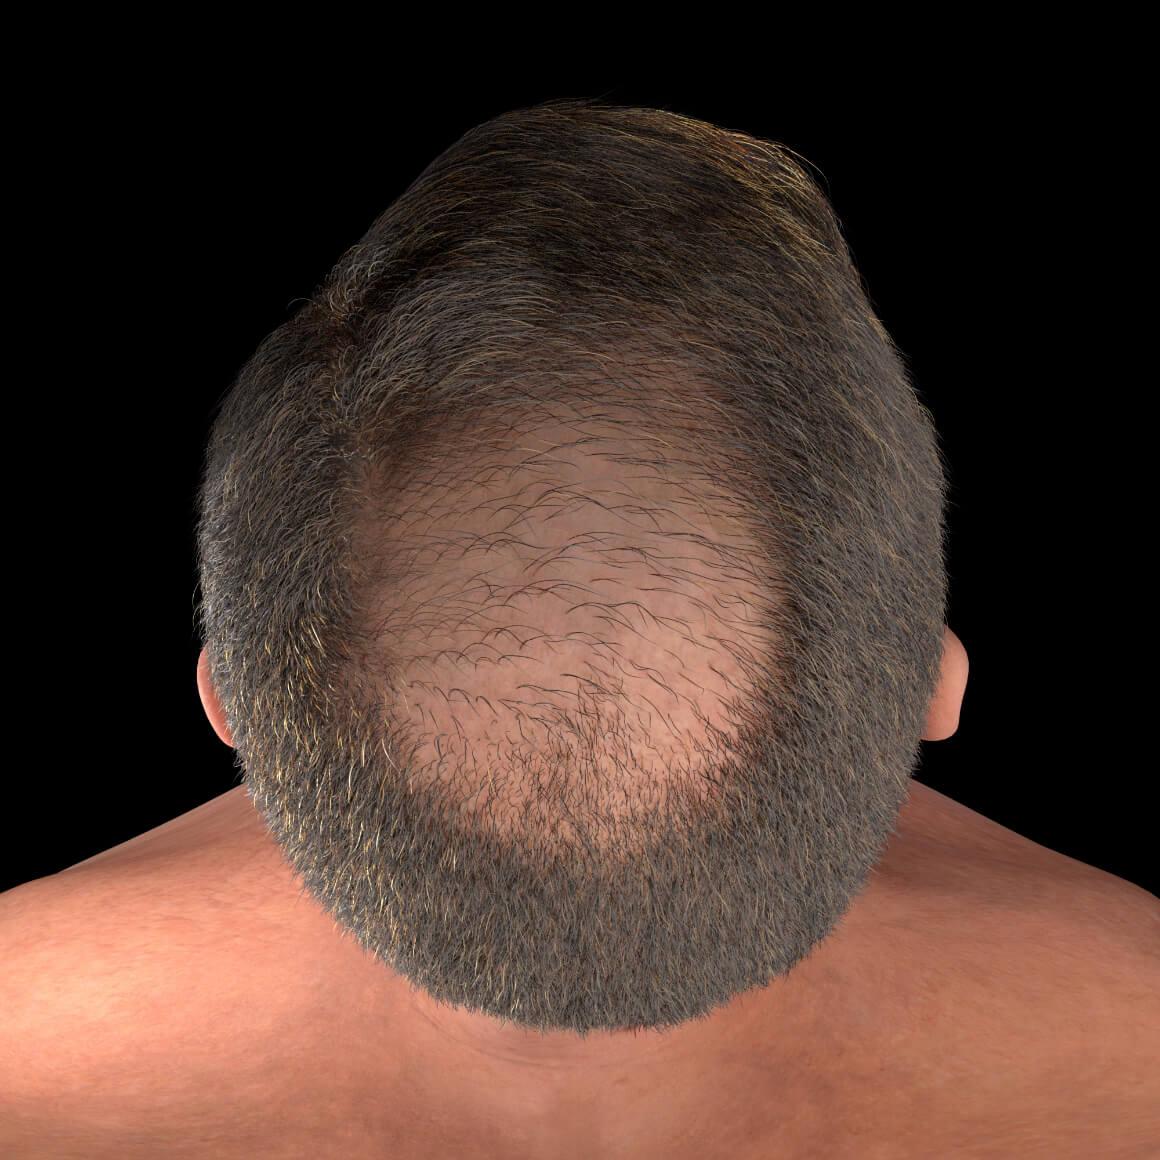 Cuir chevelu d'un patient de la Clinique Chloé démontrant des cheveux clairsemés